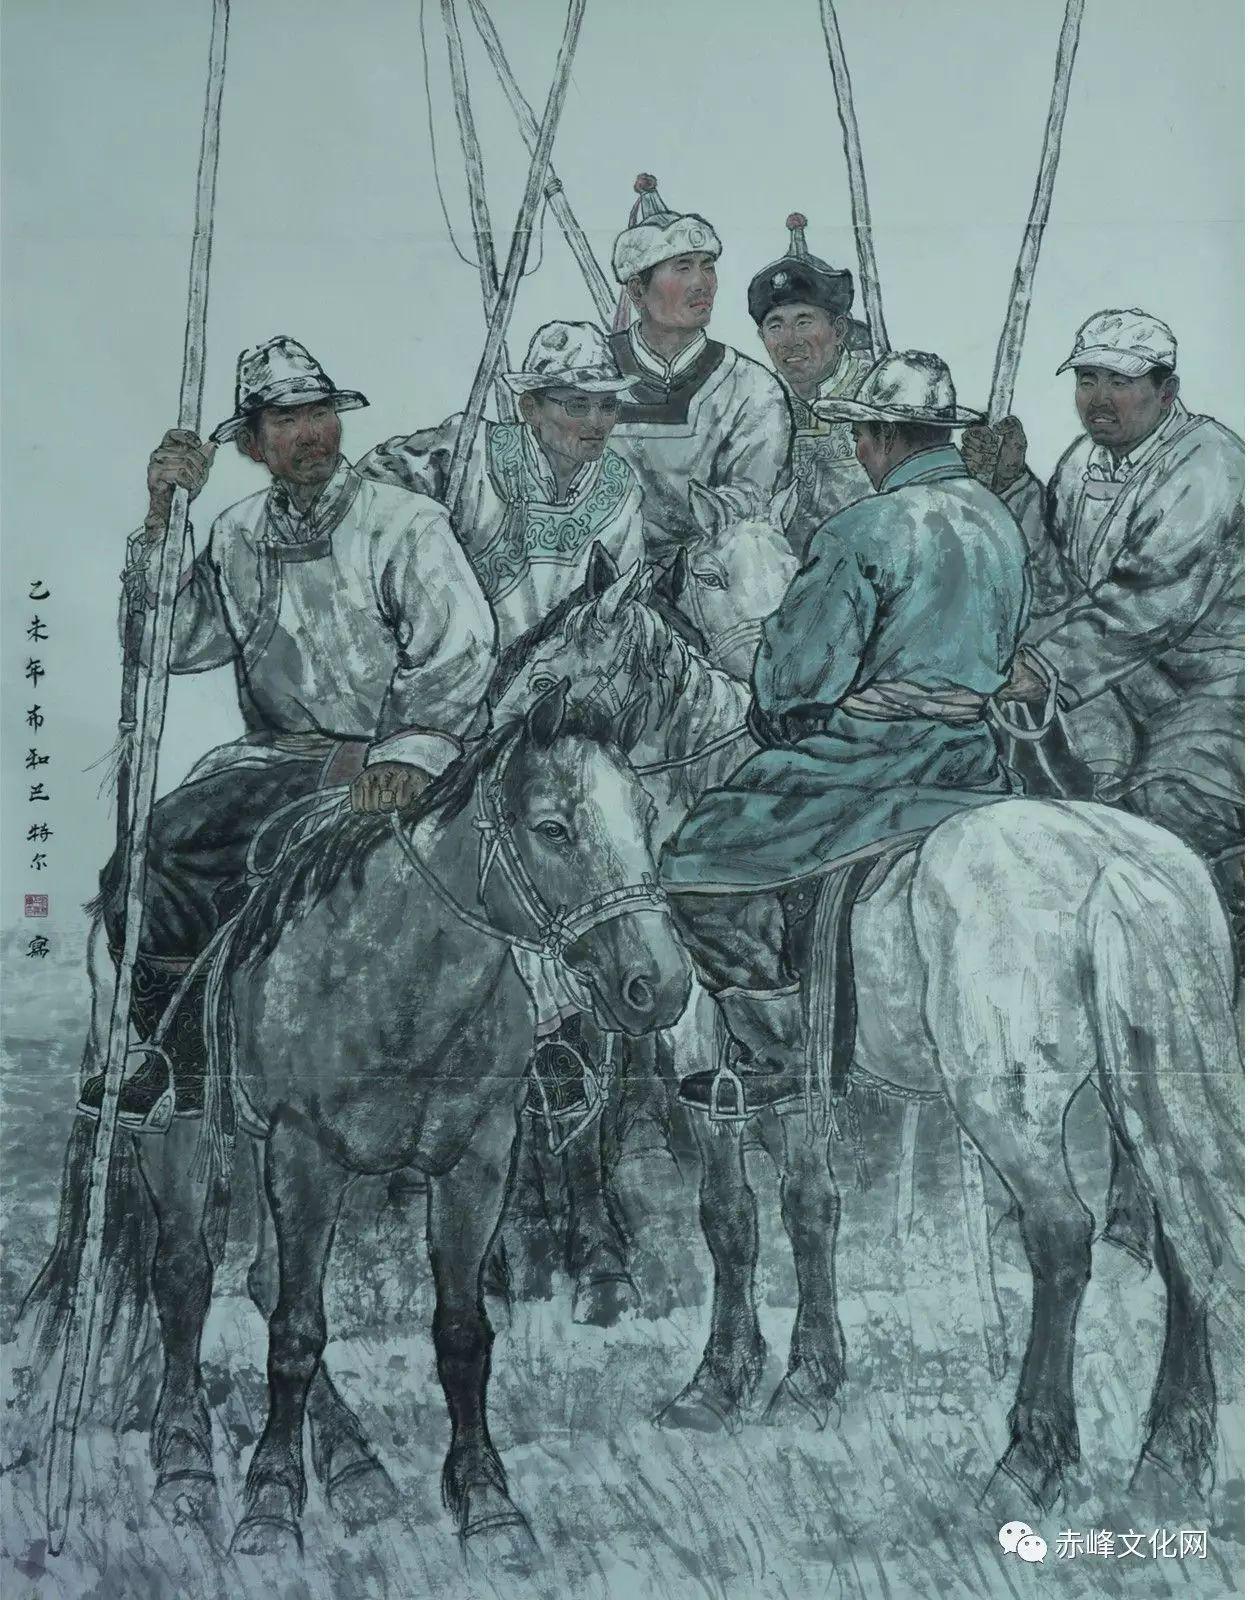 【文化赤峰】水墨丹青、栩栩如生——布和巴特尔国画展! 第3张